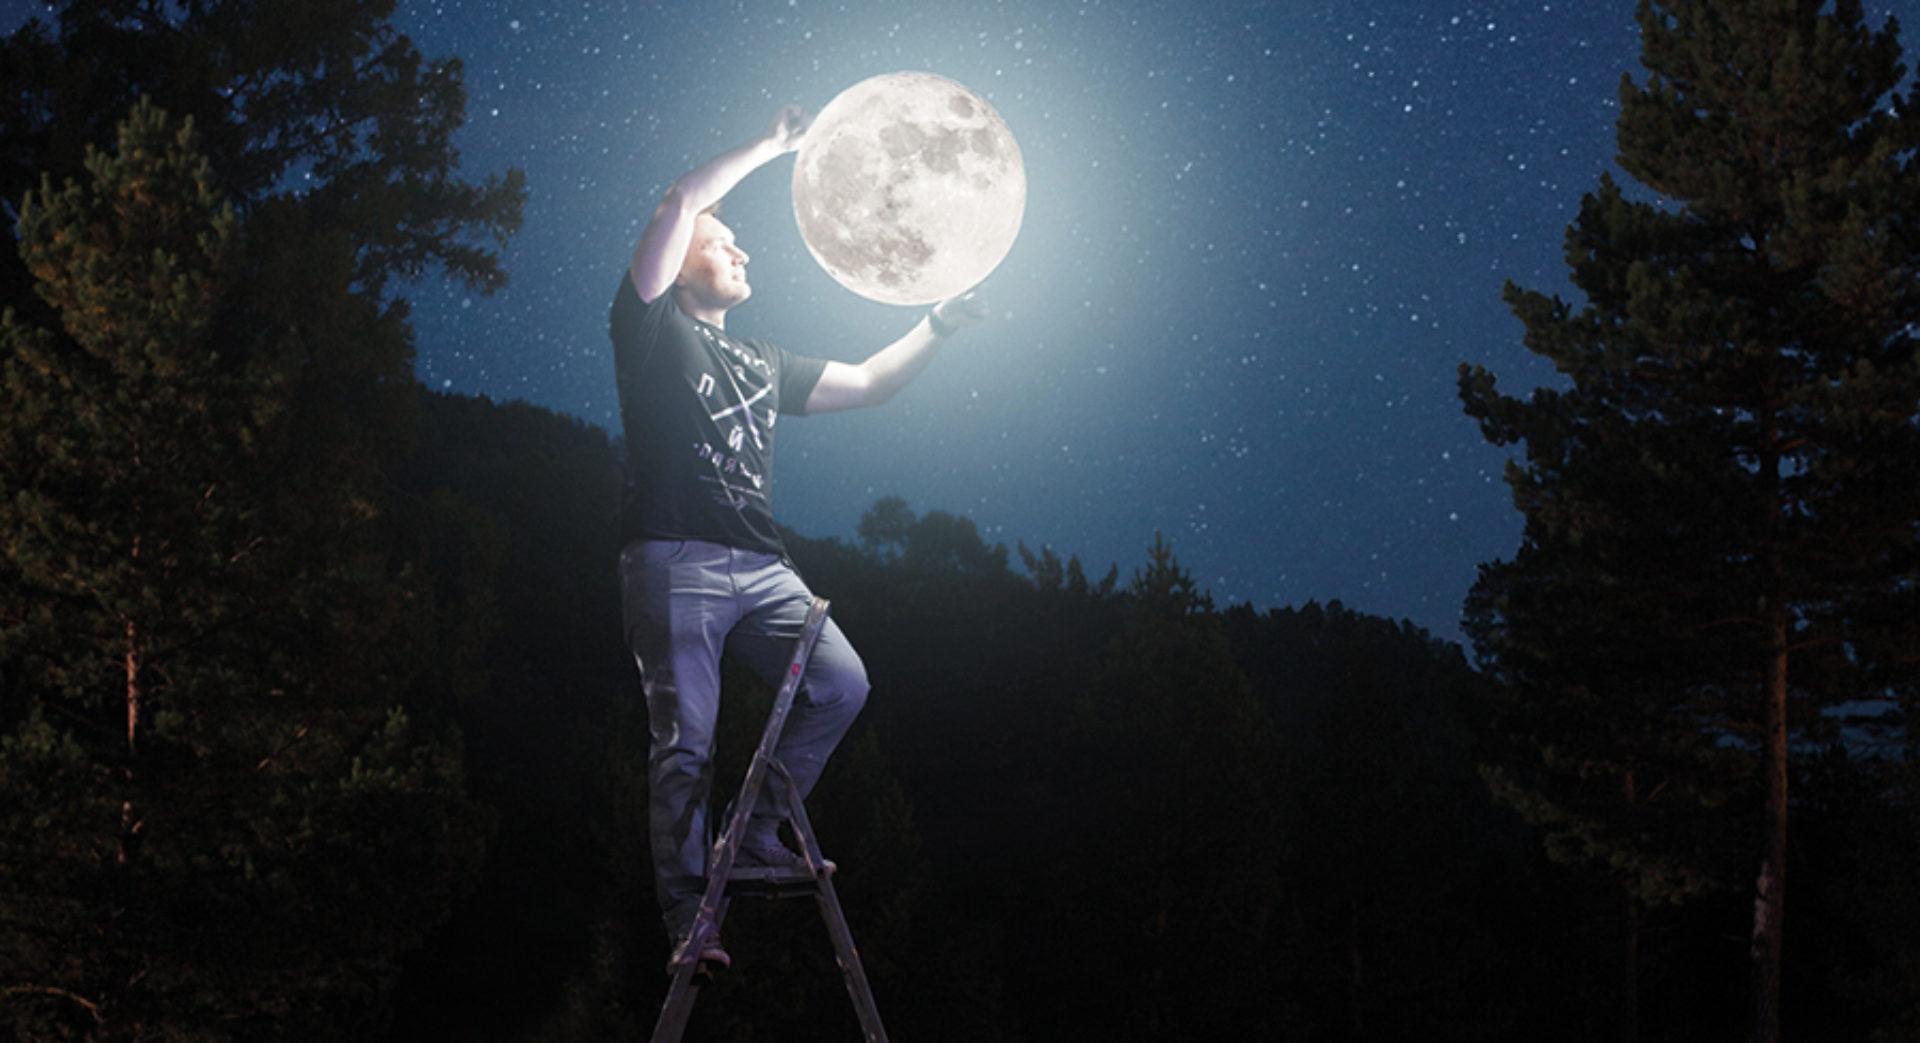 Verbind je met de maanfasen en geef je leven meer glans en kracht - 1/4